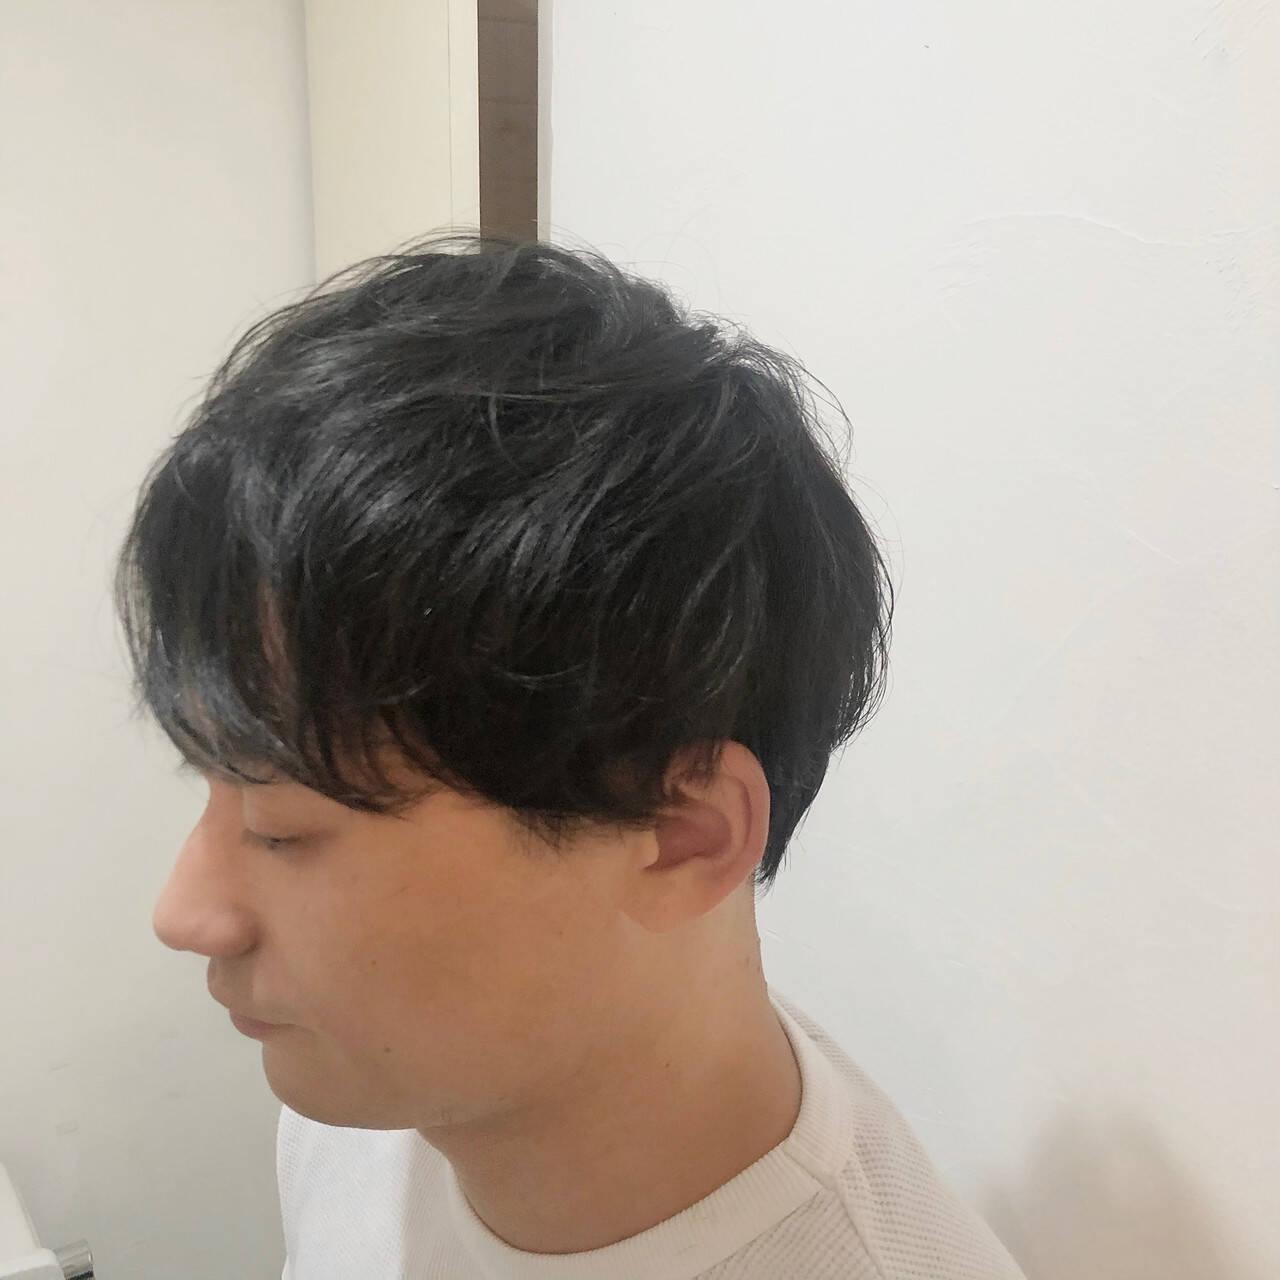 ナチュラル ショート メンズマッシュ メンズカットヘアスタイルや髪型の写真・画像